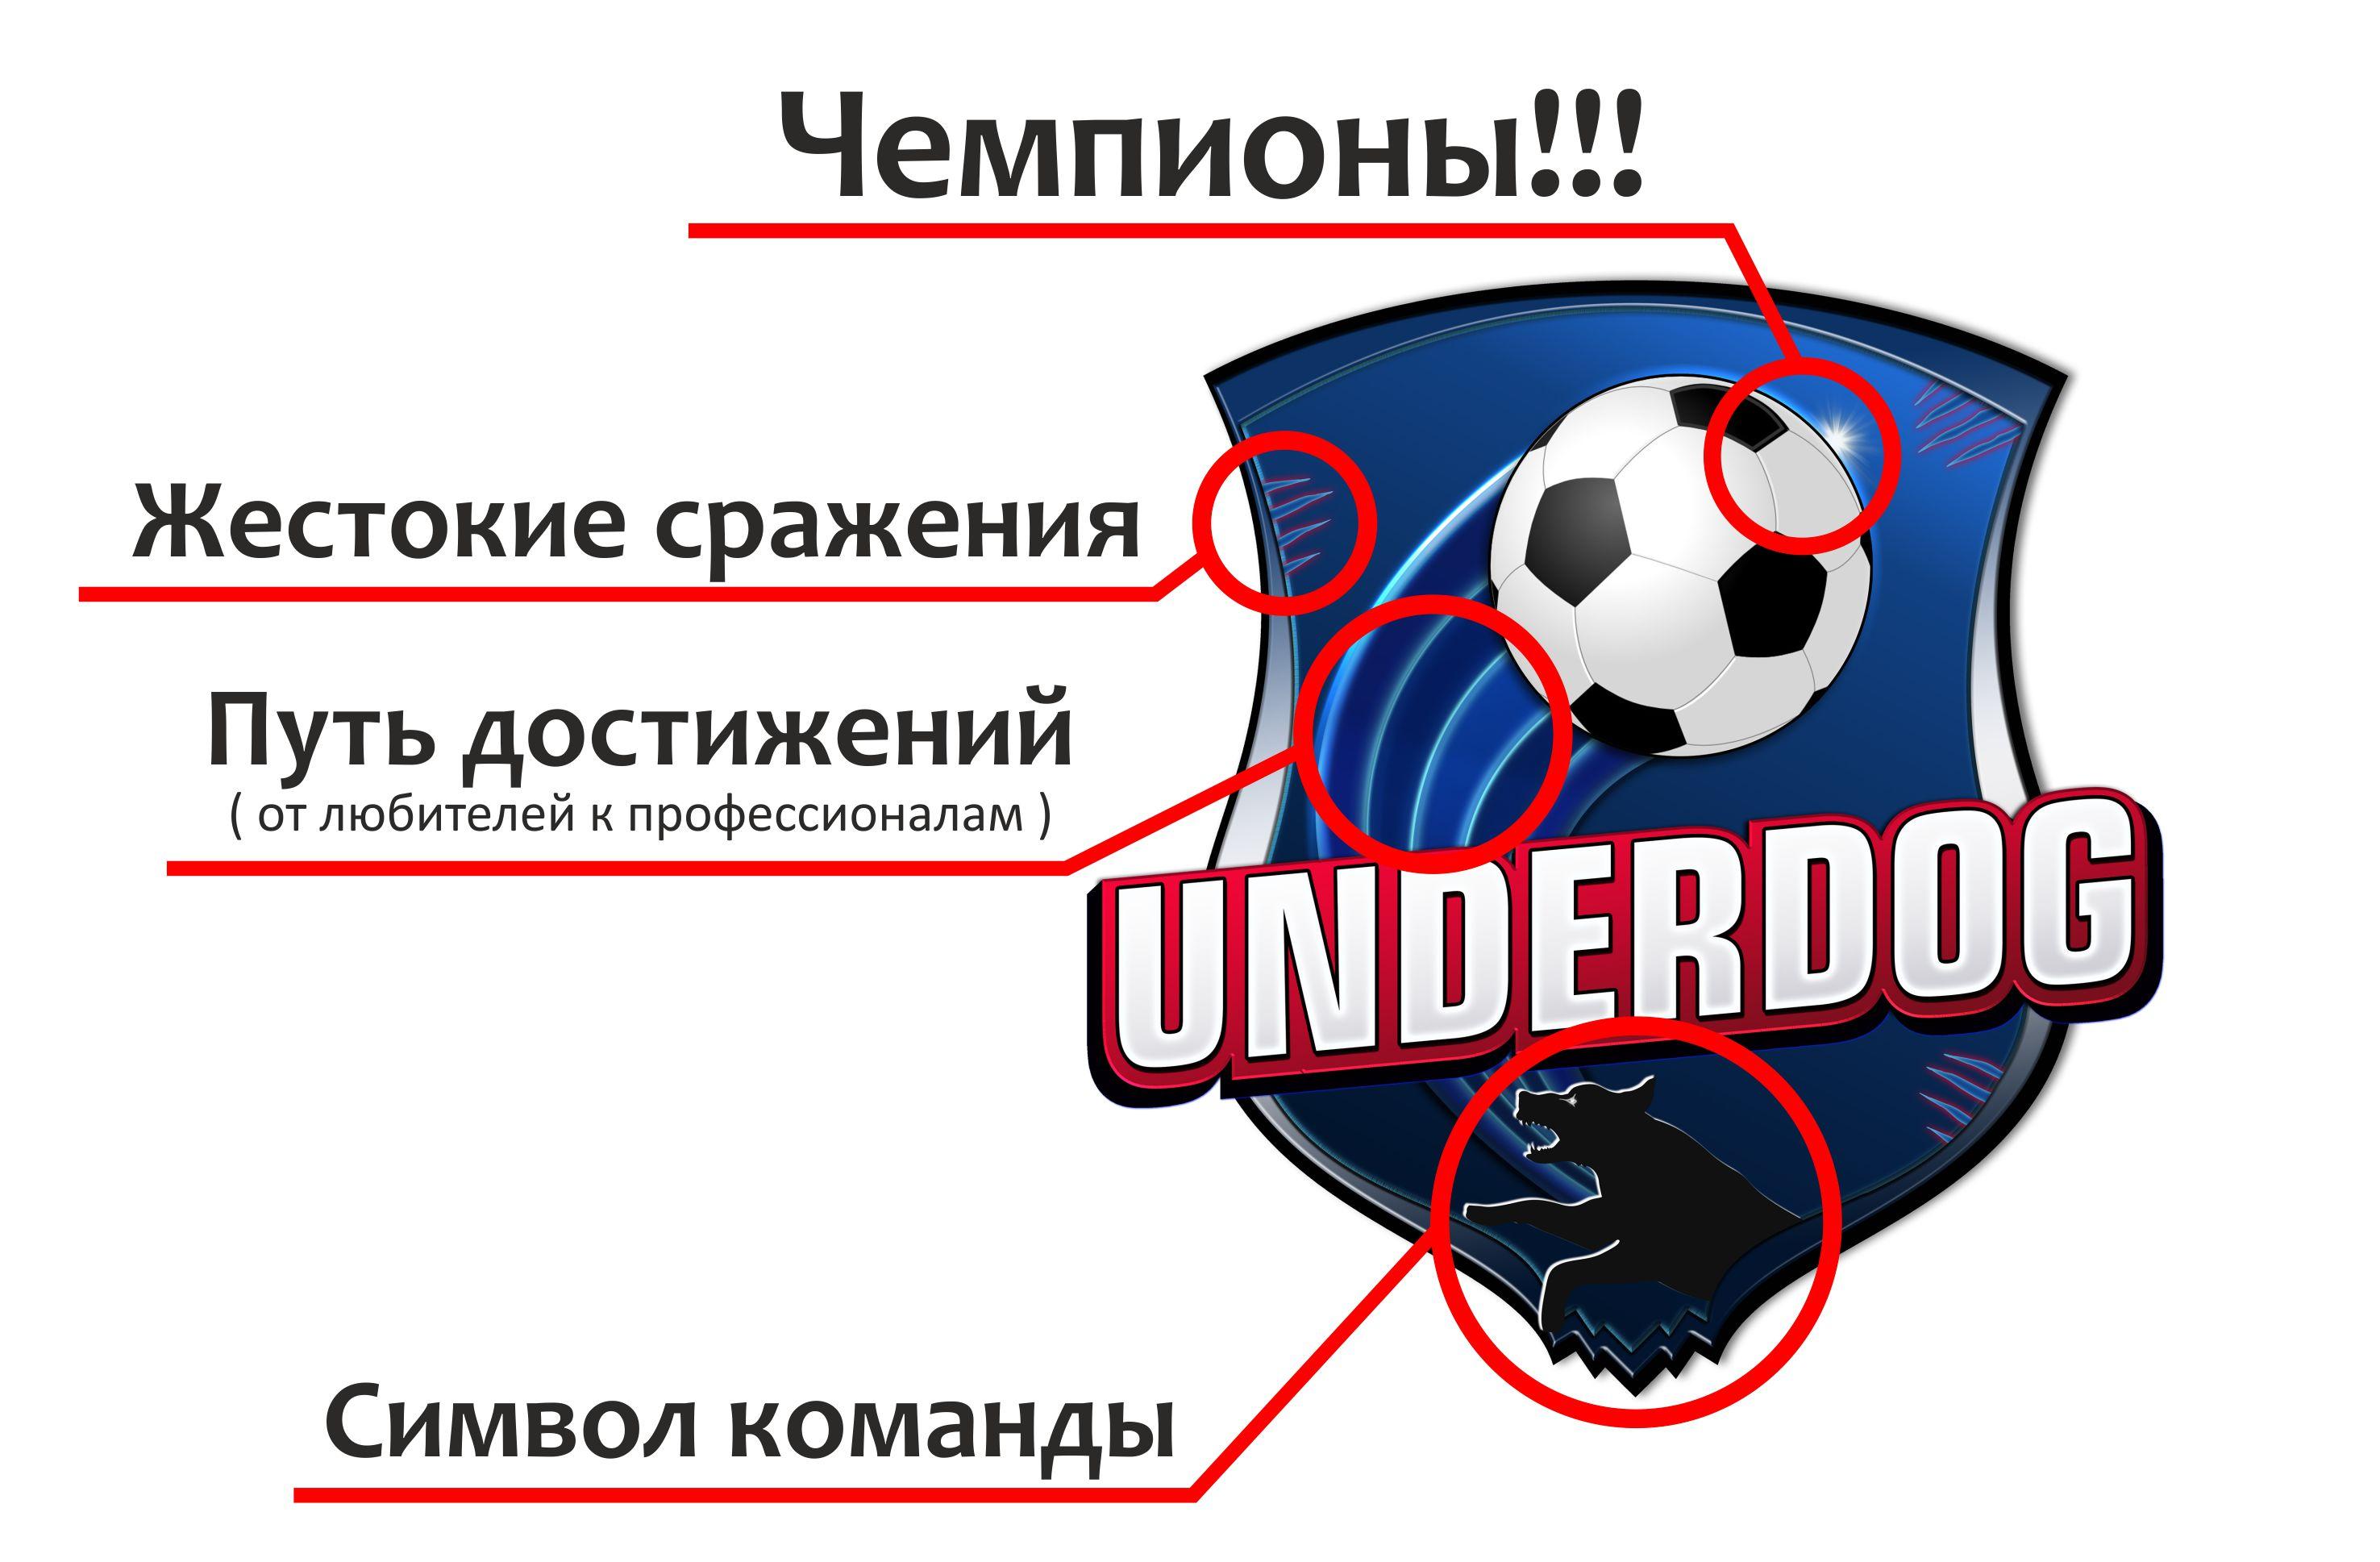 Футбольный клуб UNDERDOG - разработать фирстиль и бренд-бук фото f_5755cb4c49bd3c80.jpg